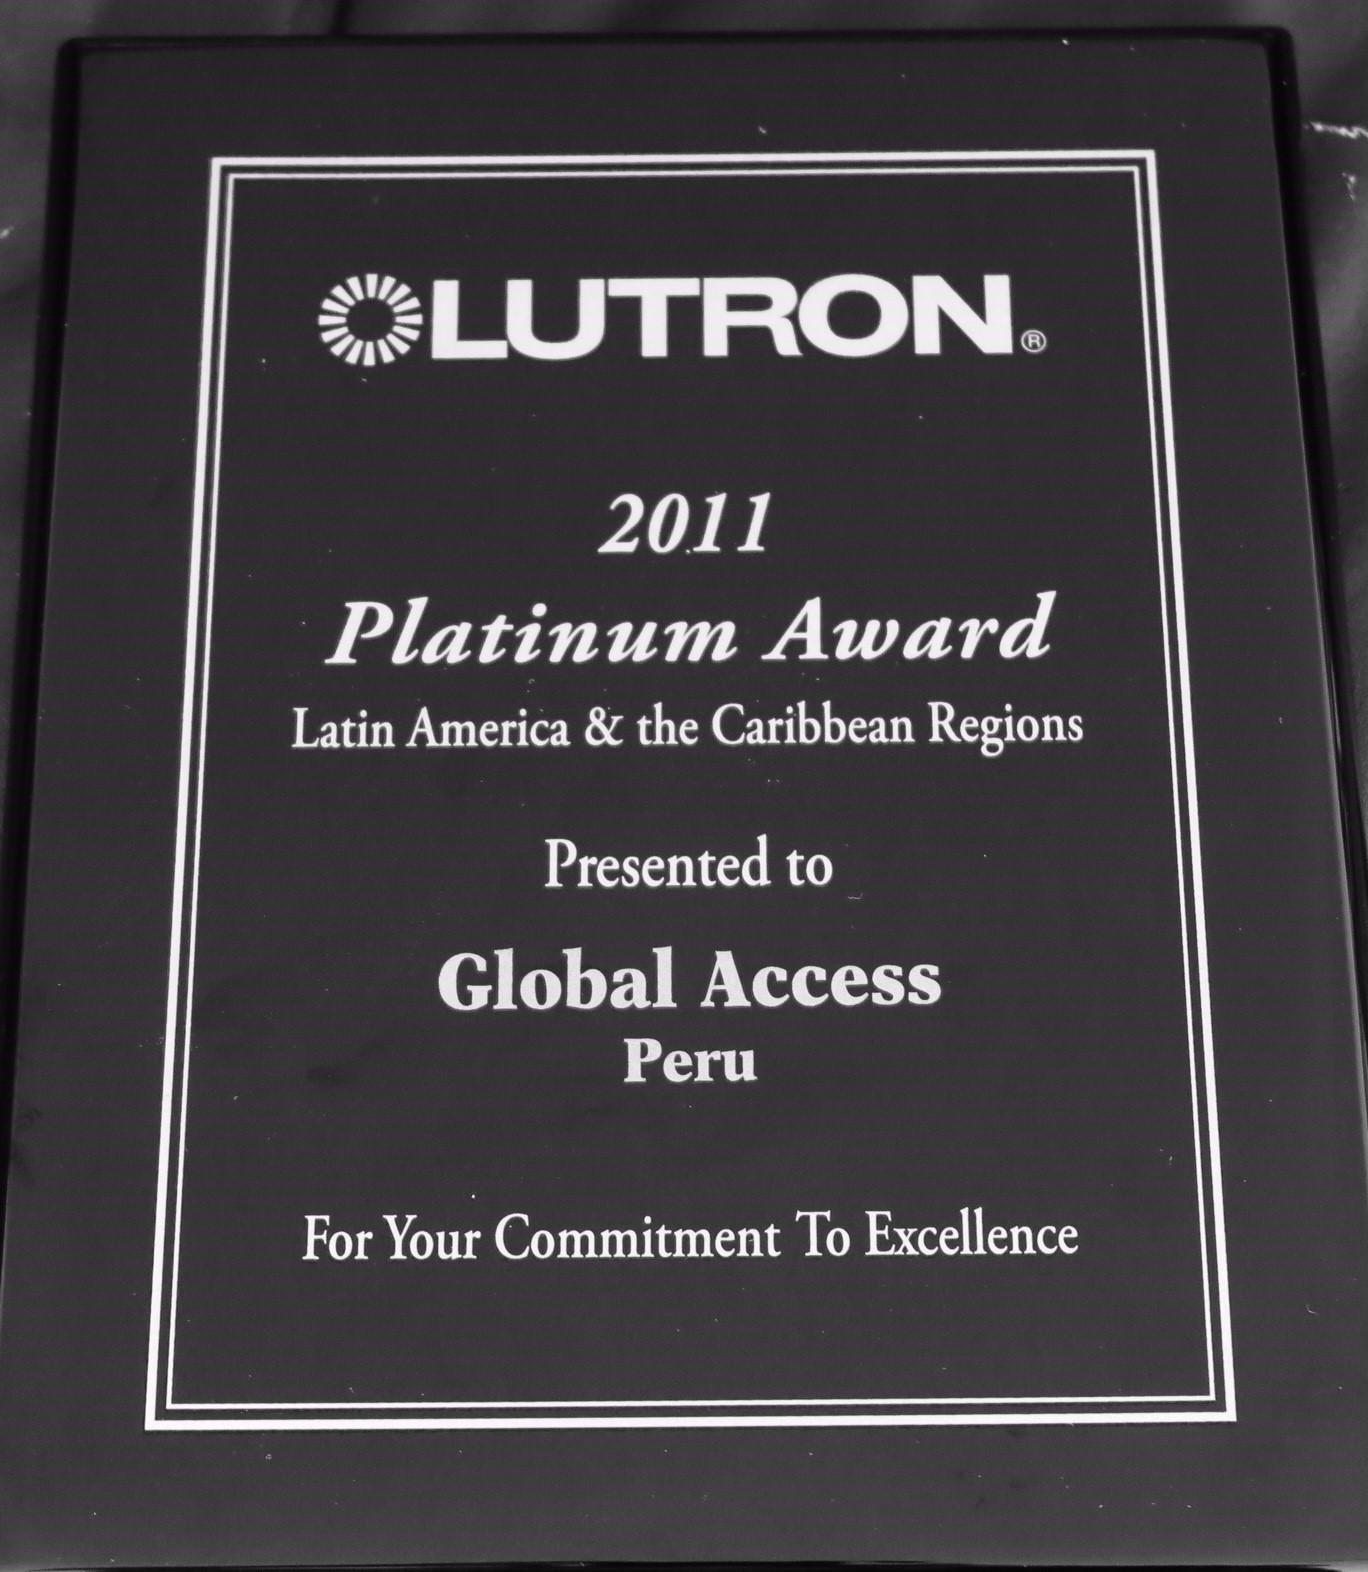 Premio Lutron 2011.jpg